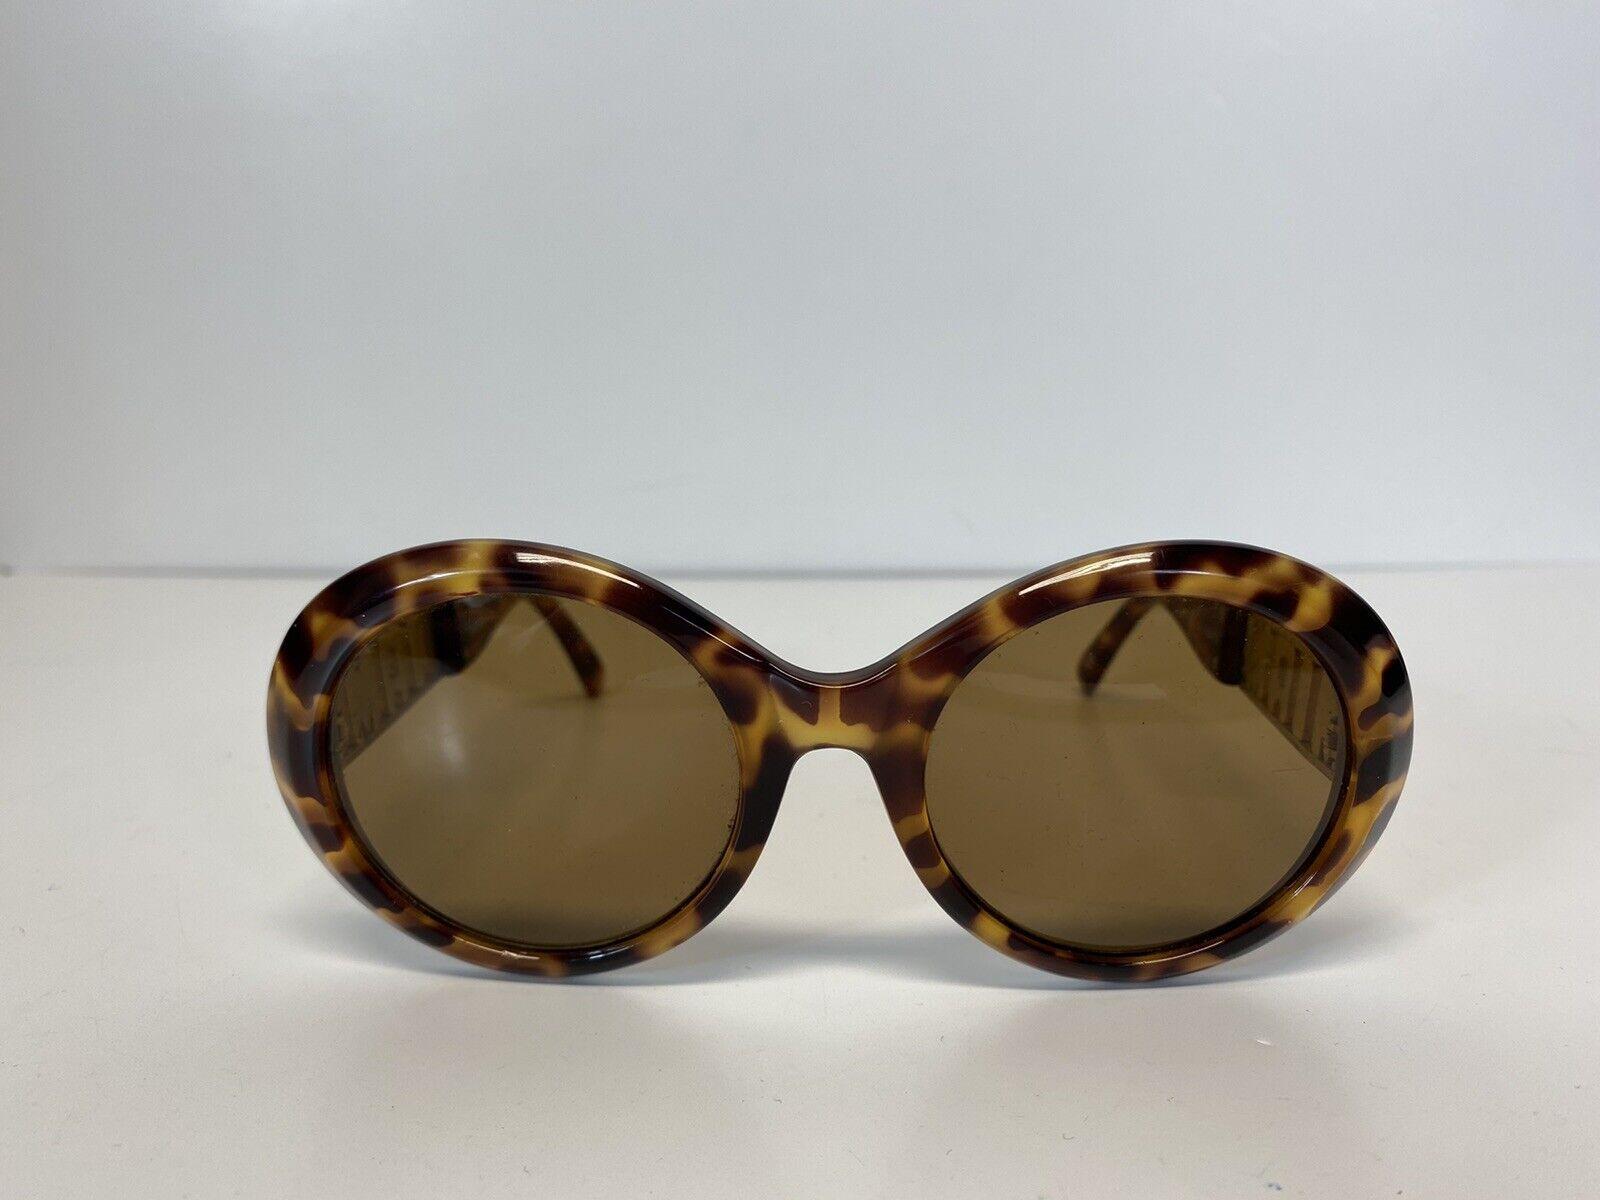 Rare Vtg Gianni Versace Brown 'Miami' Tortoiseshe… - image 2